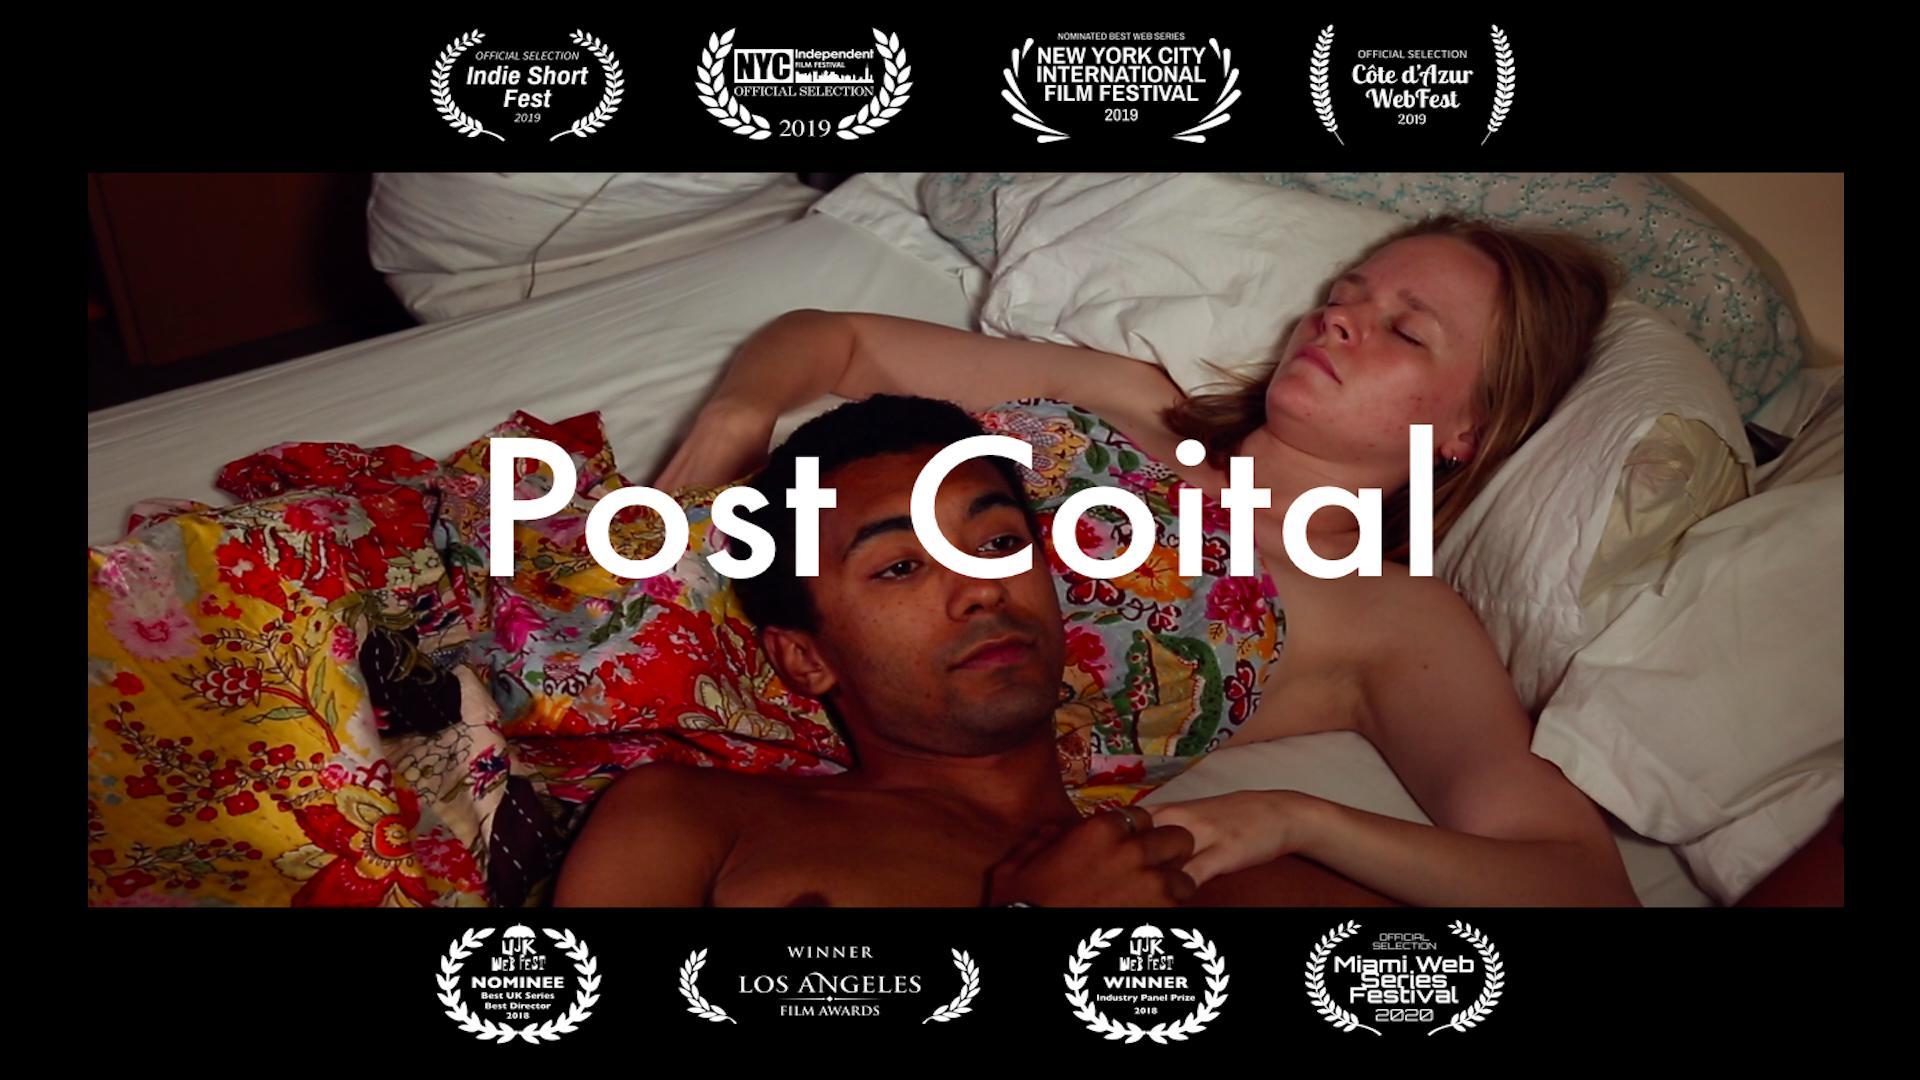 Post Coital